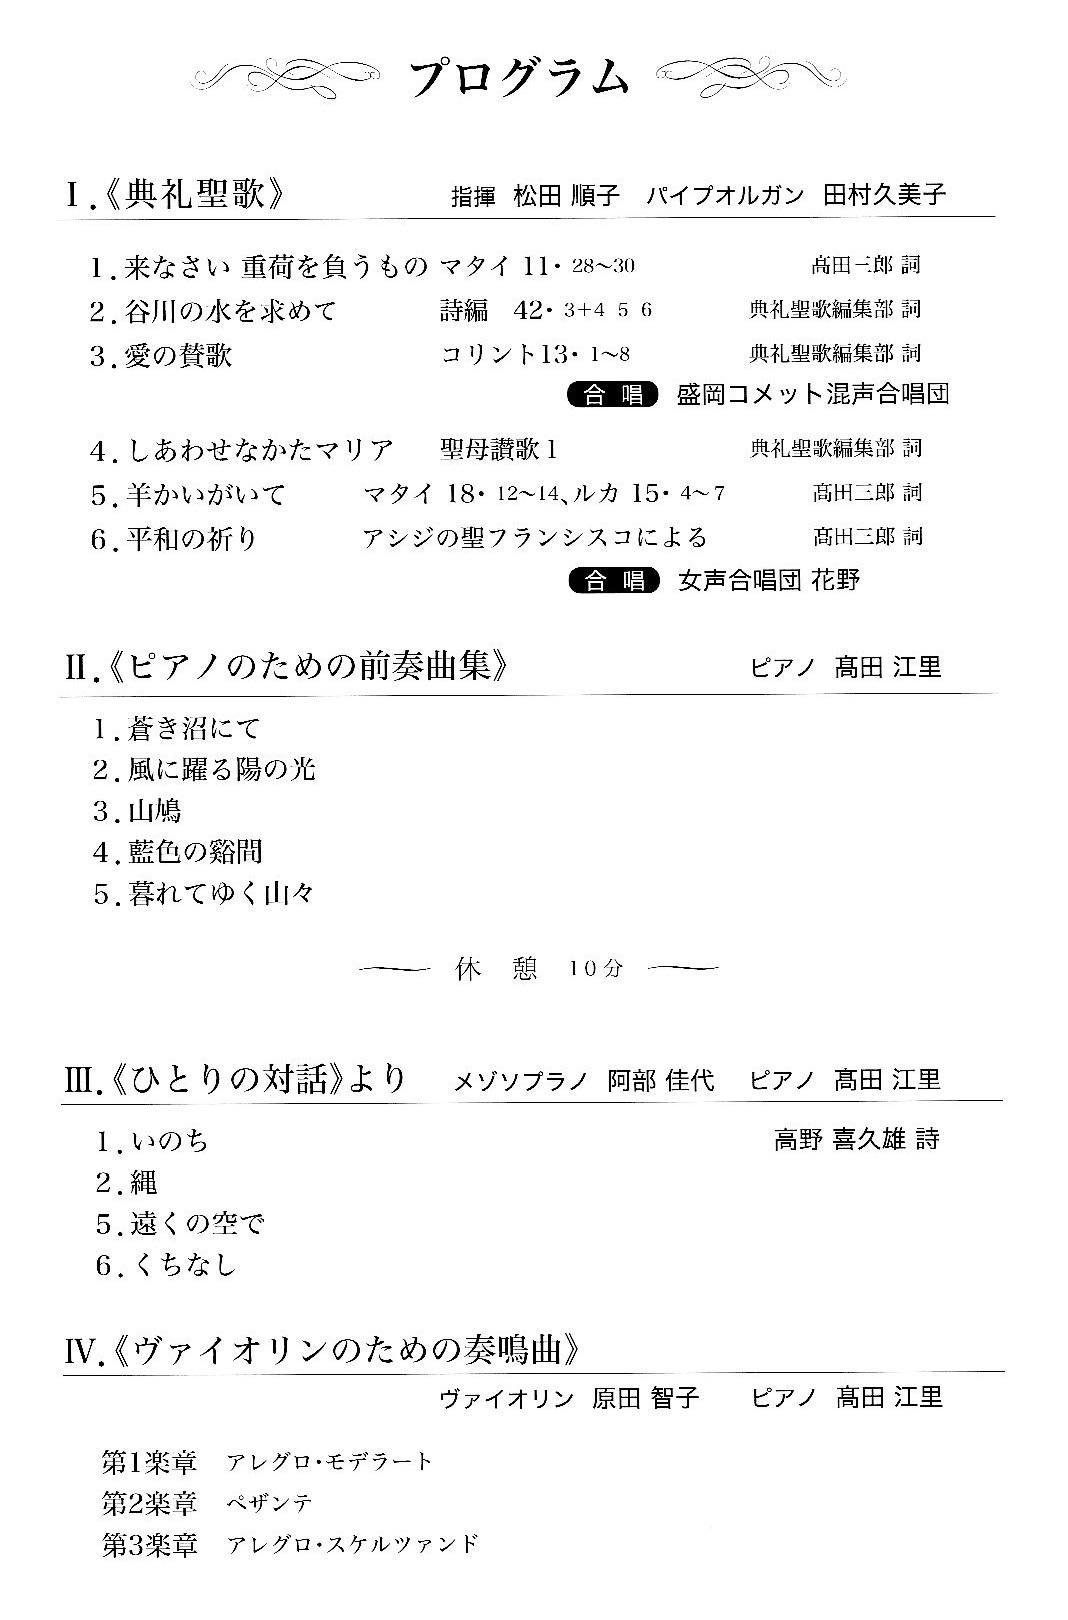 高田三郎を聴く夕べⅡ_c0125004_15471465.jpg